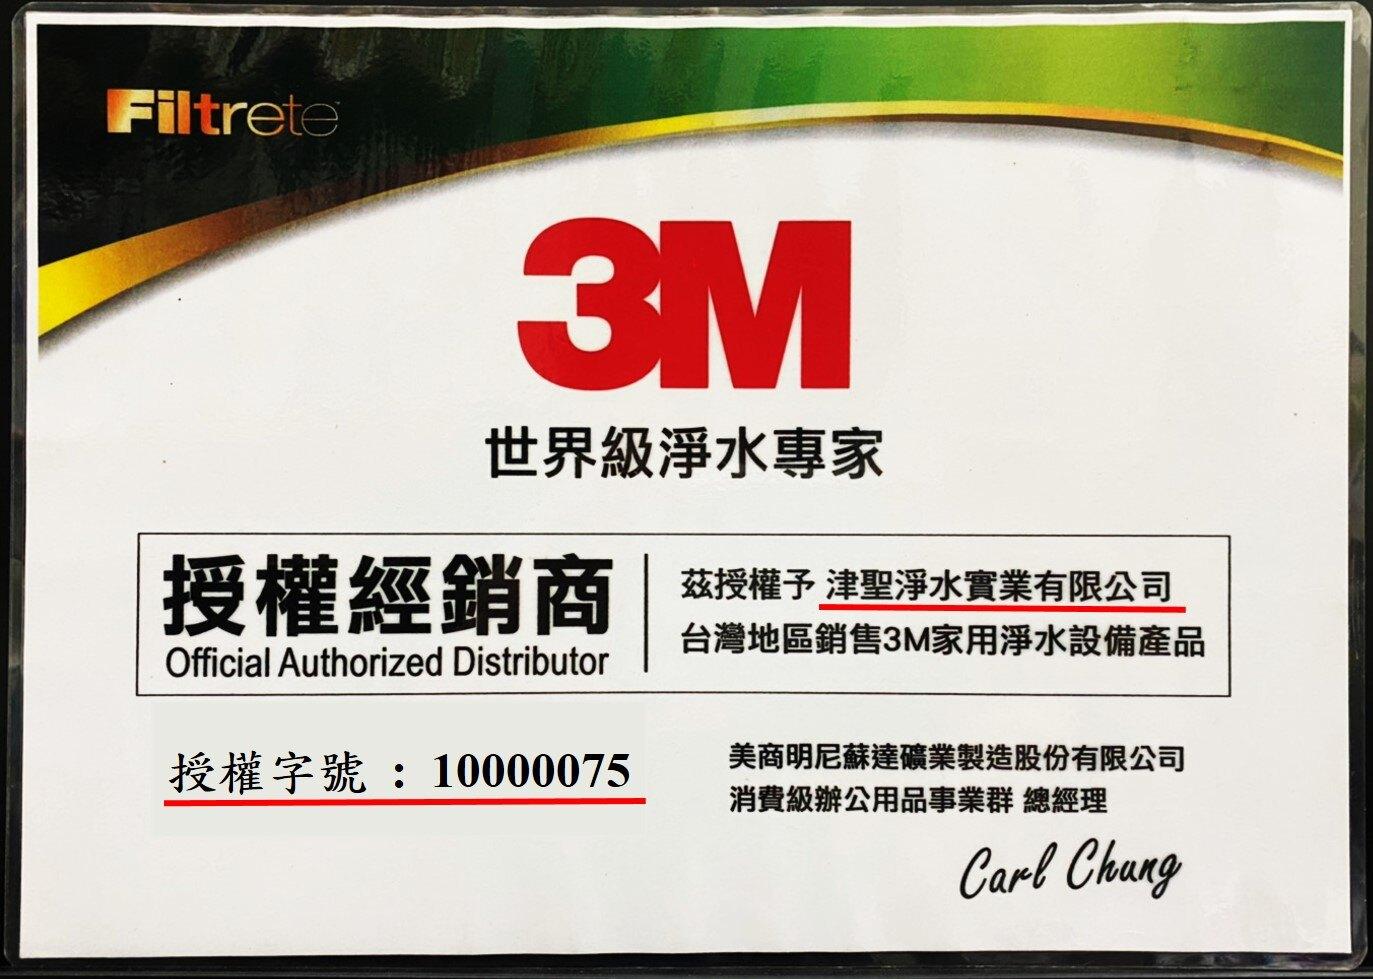 【津聖】3M DWS6000 智慧型雙效淨水器 【拜託 ! 懇請給小弟我一個服務的機會】【LINE ID: s099099】